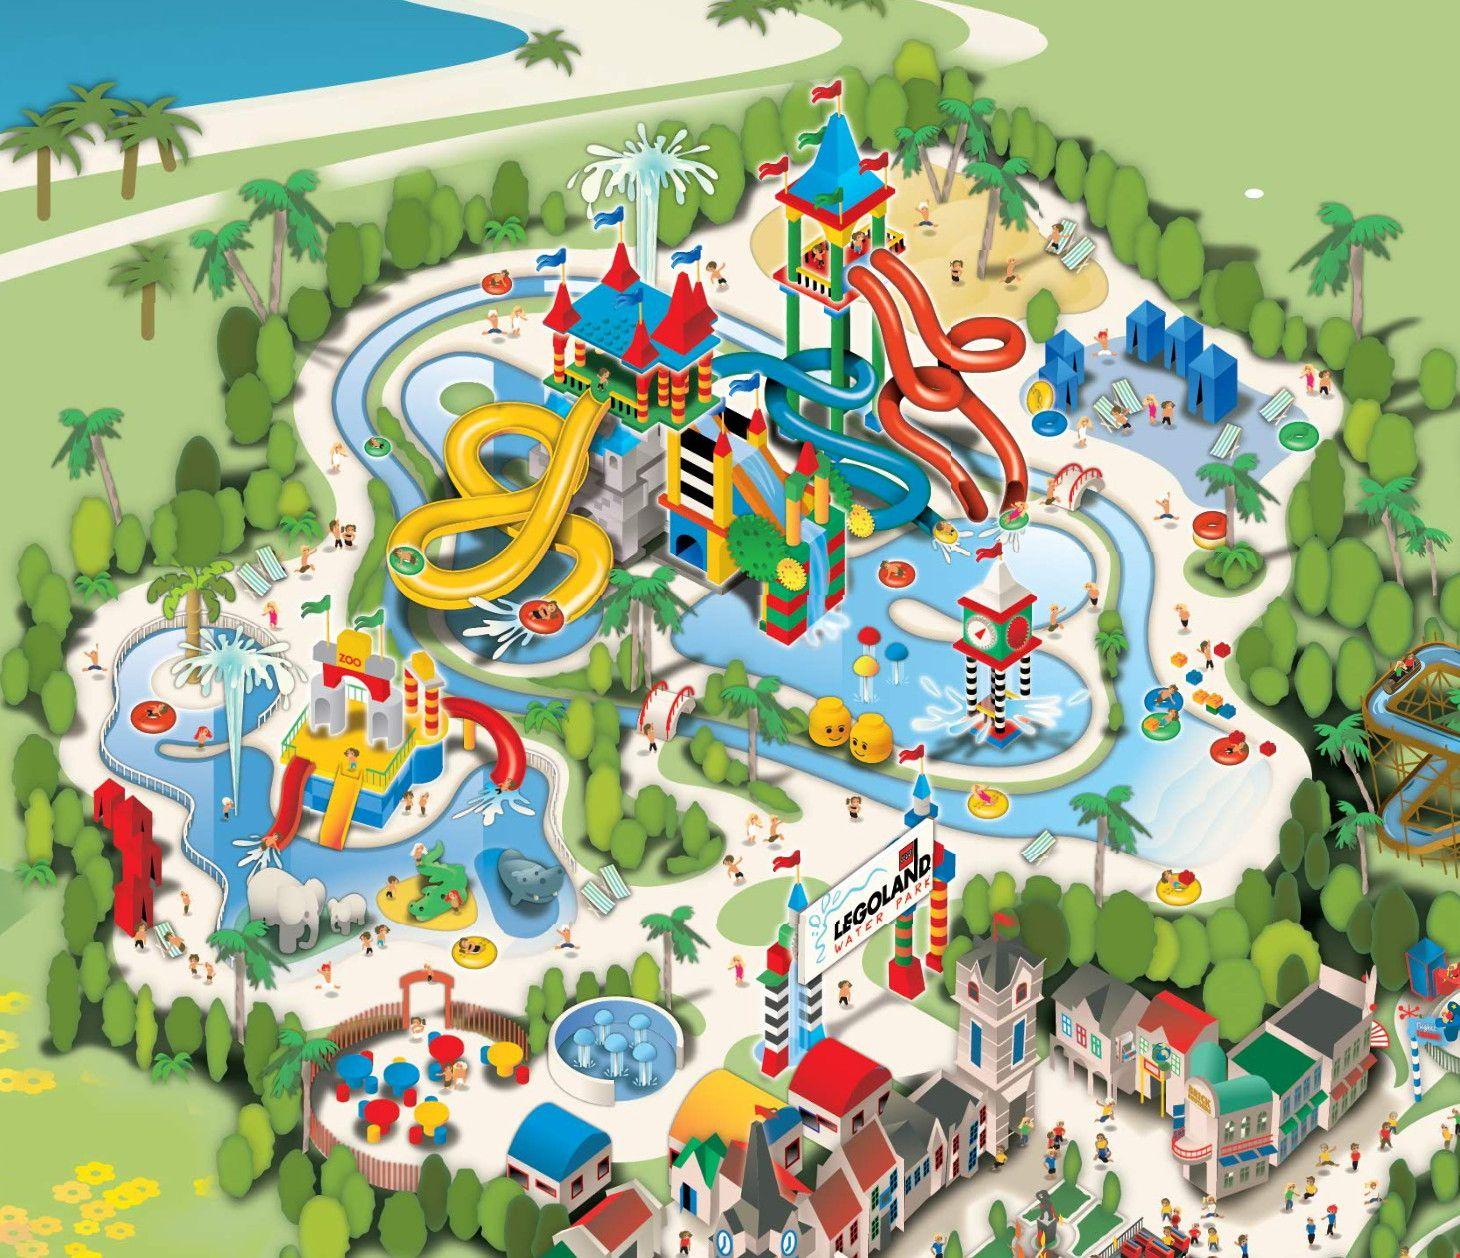 Ebdfabaaadecacb Maps With Zone Of Legoland California Park Map - Legoland California Water Park Map